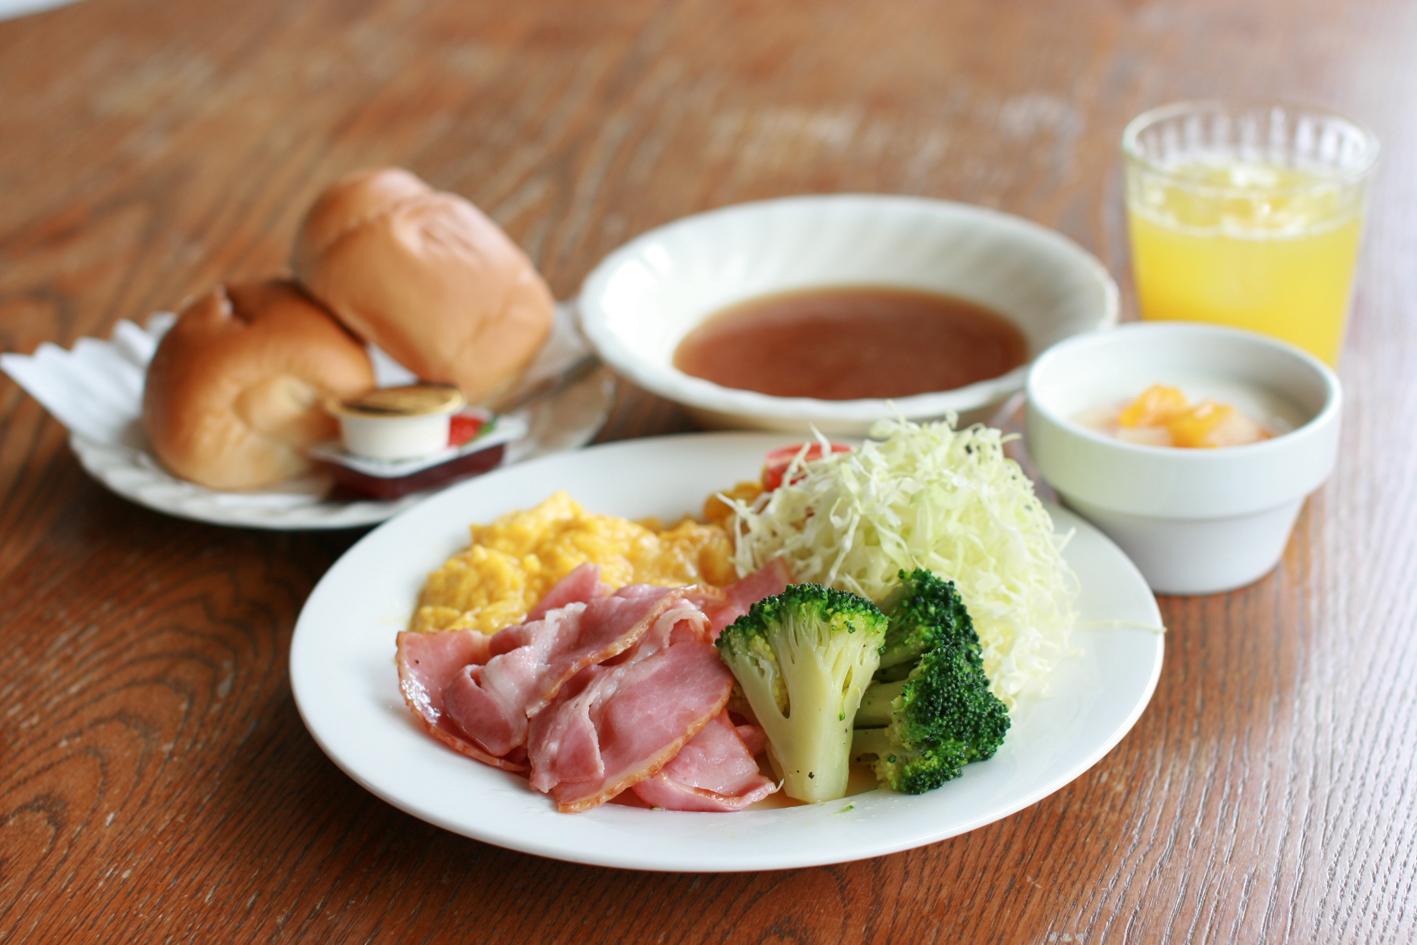 朝食 洋食(事前の申し込みが必要です。メニューは当方にて決定しております)